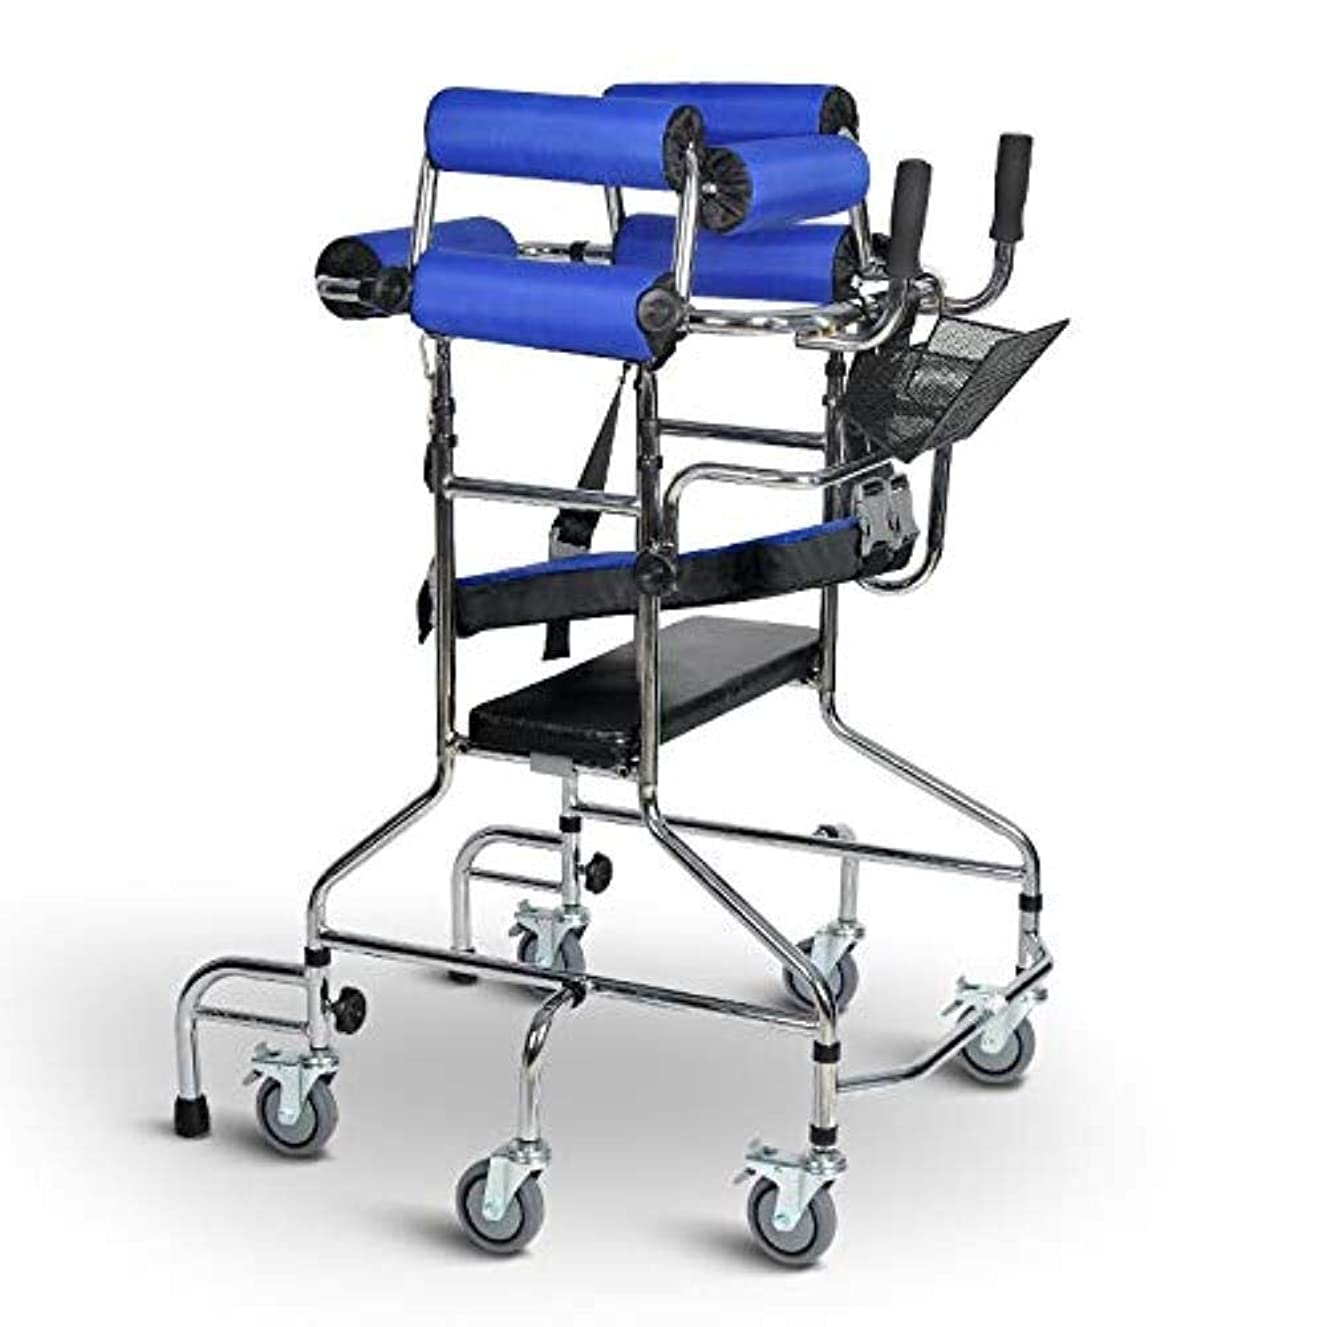 滑車の大人の歩行フレームの歩行者、高齢者の歩行者の訓練装置は下肢の歩行フレームを助けました